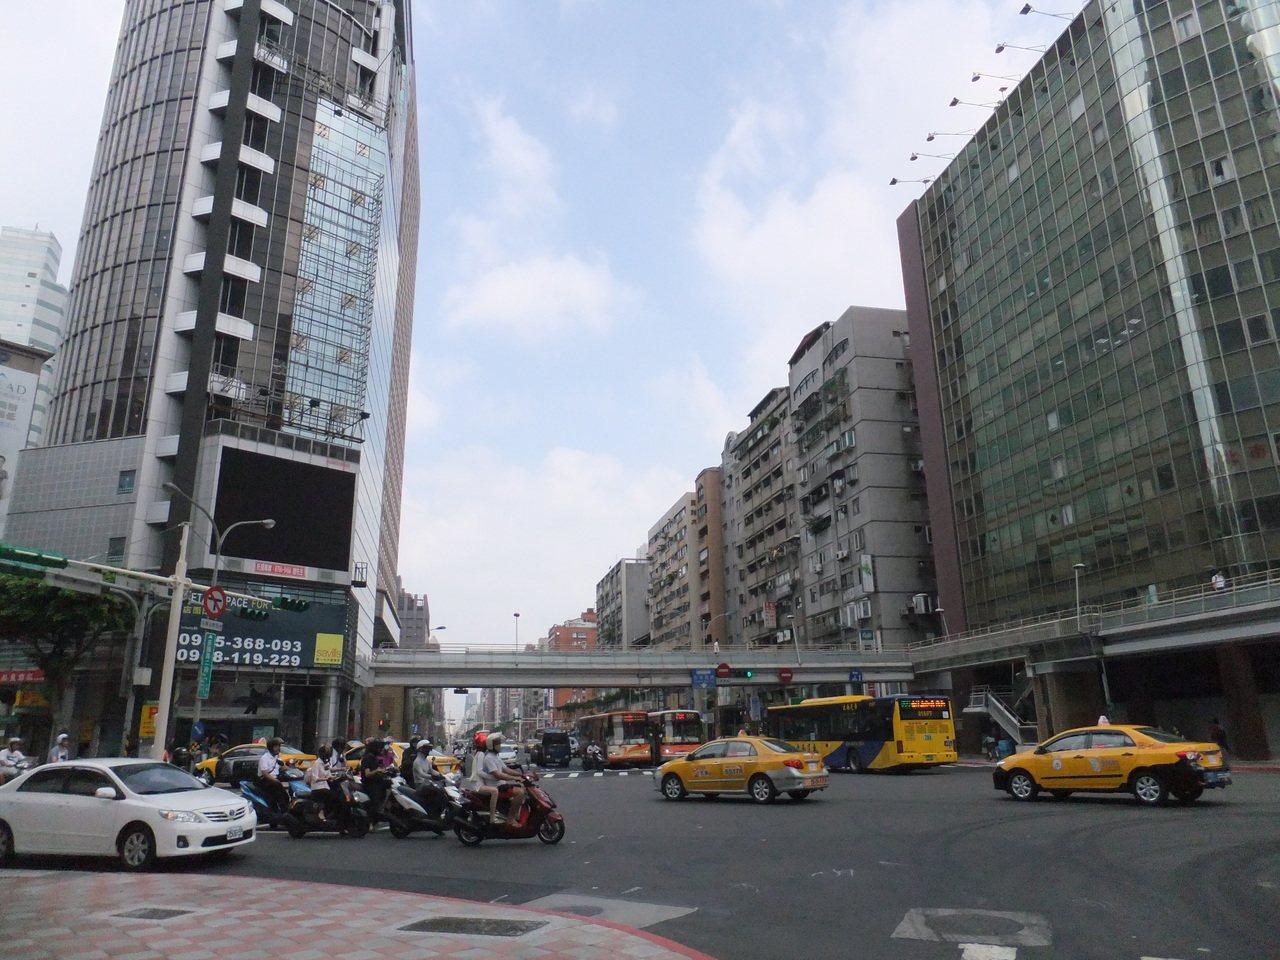 台北市今年第1季住宅價格指數為98.24,再創新低,已連續二季跌破基期。記者游智...